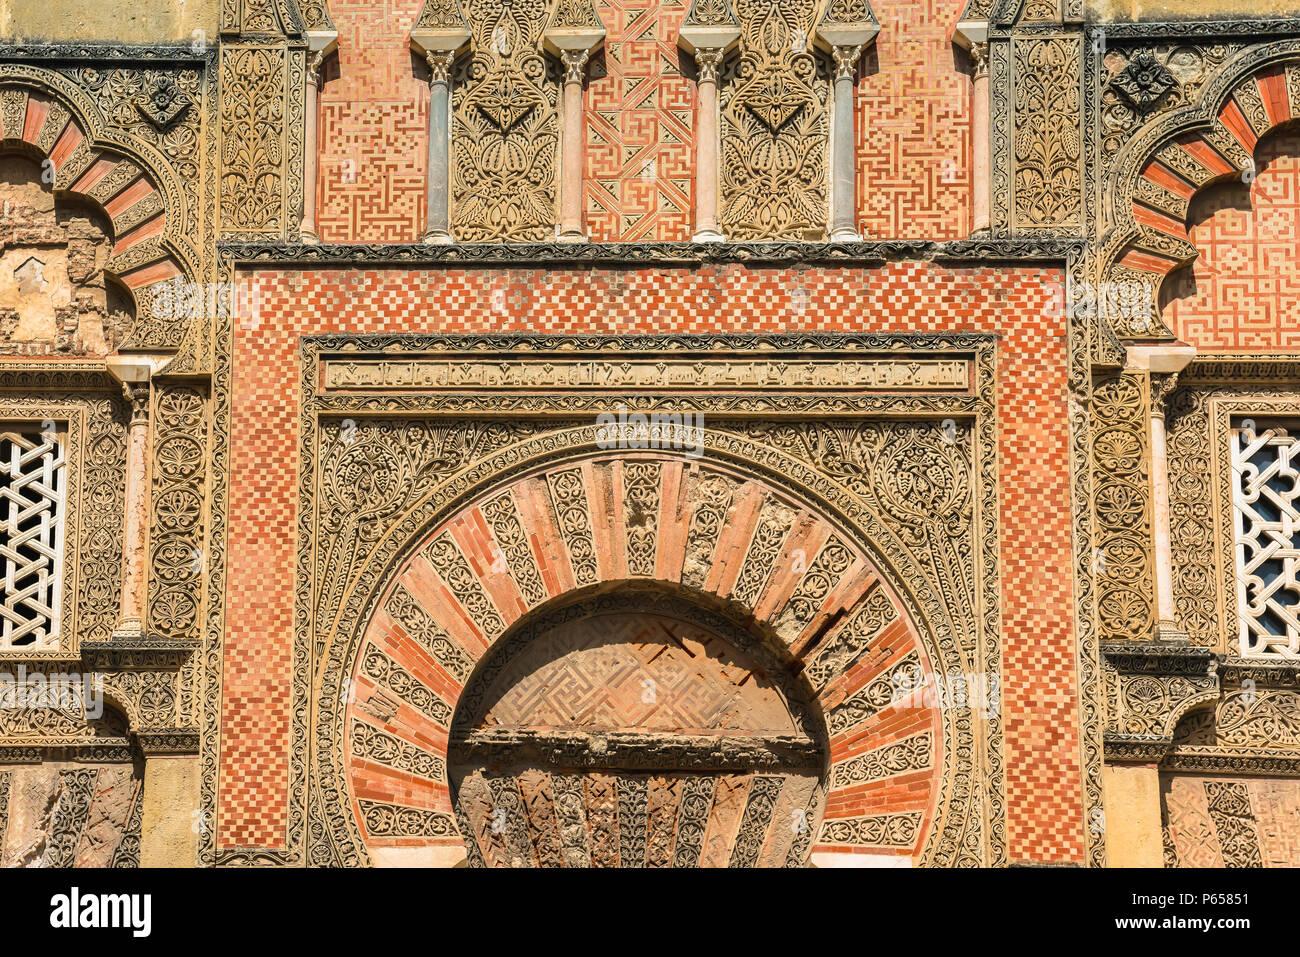 Spagna architettura moresca, dettaglio di un gusto moresco porta impostata entro la parete esterna della Cattedrale Mezquita Moschea-complesso di Cordoba, Spagna Immagini Stock